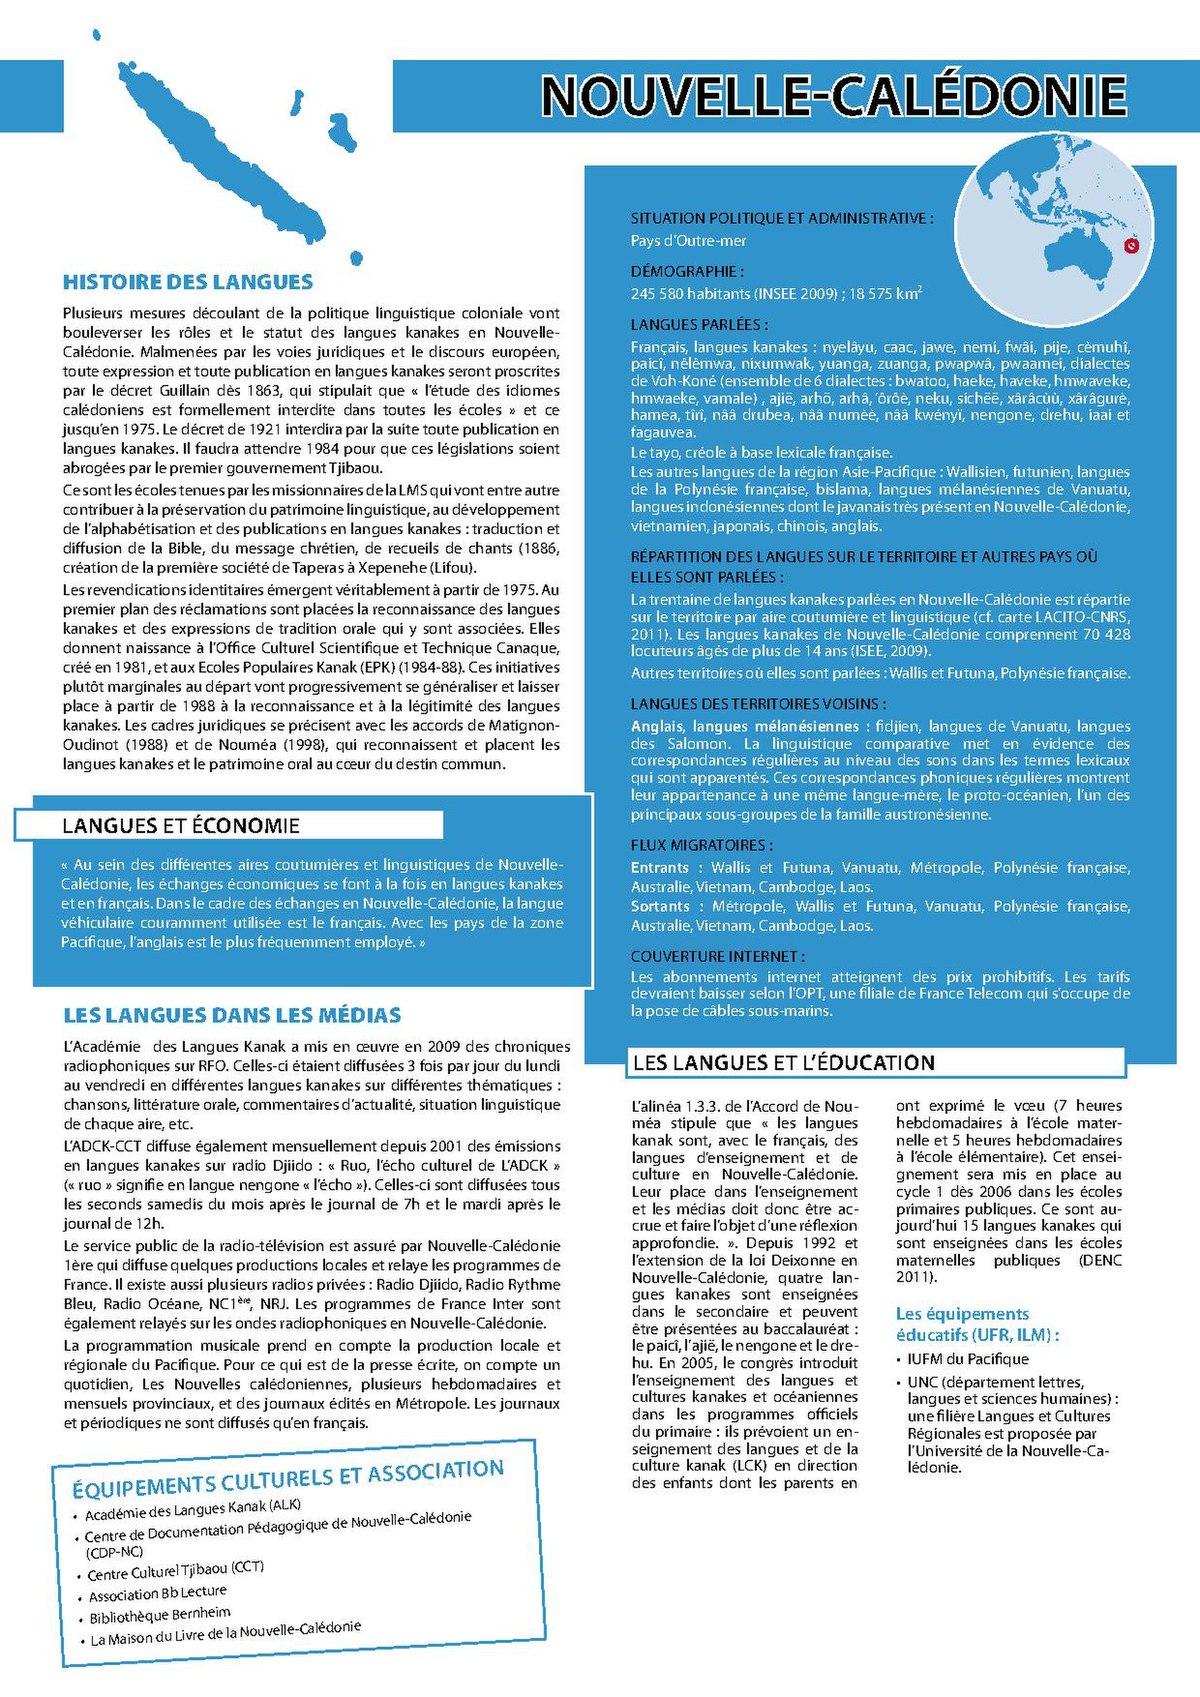 File:fiche Territoire Nouvelle-Calédonie.pdf - Wikimedia Commons concernant Departement Francais 39